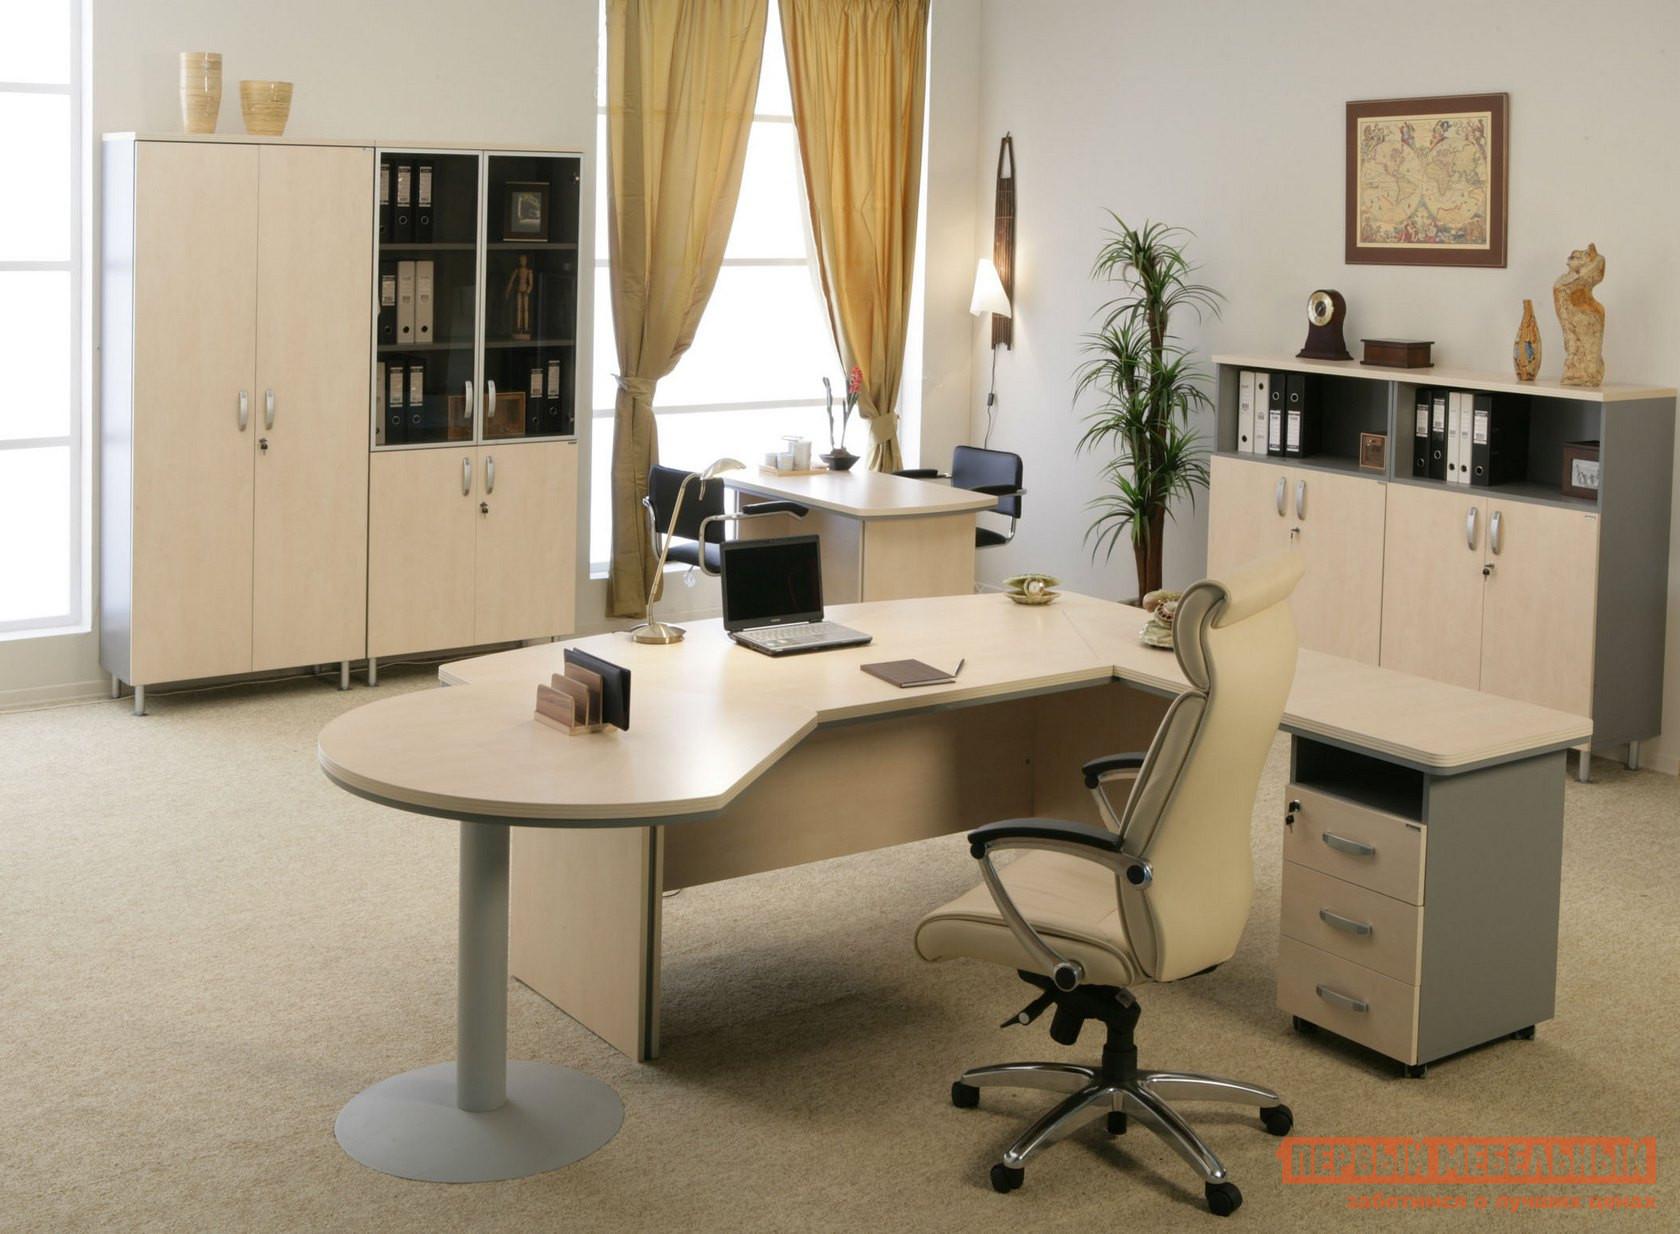 Комплект офисной мебели Дэфо Берлин Директор К1 спальный гарнитур трия саванна к1